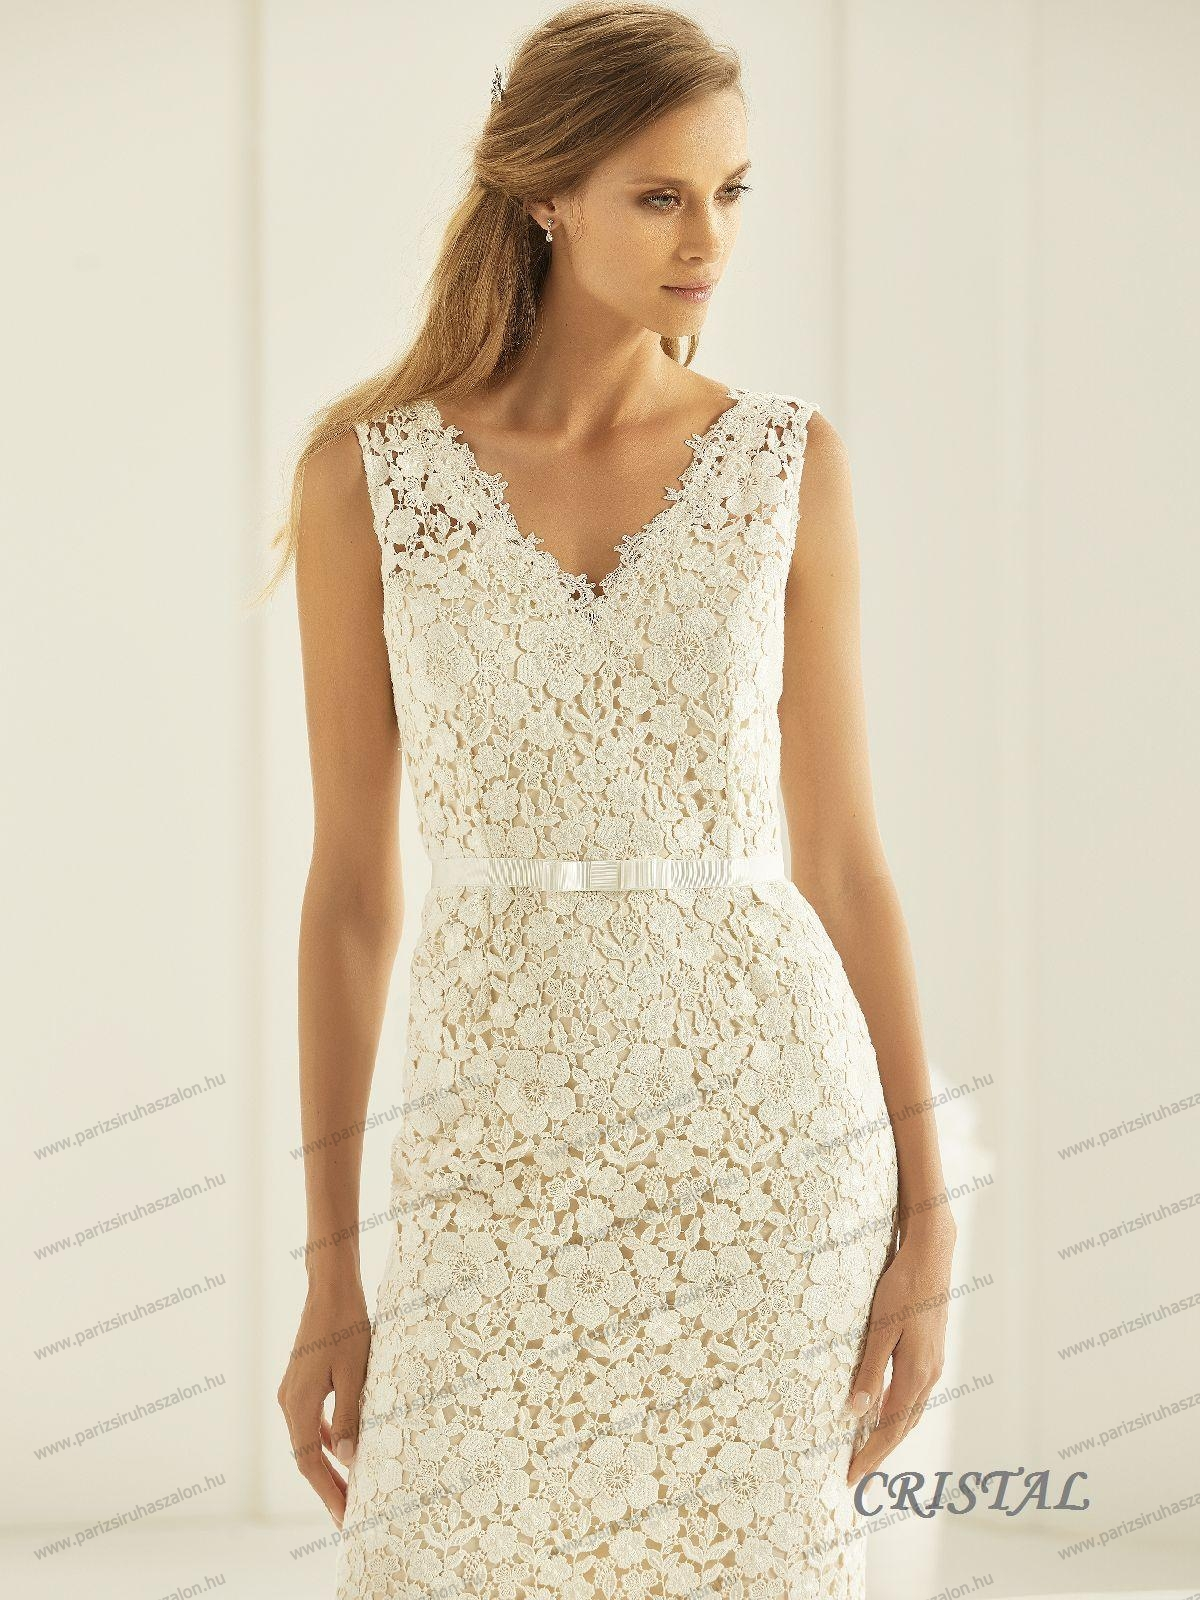 dab7828544 CRISTAL menyasszonyi ruha | BIANCO EVENTO német hosszú, és rövid  menyasszonyi ruhák. (cikkszám: CRISTAL menyasszonyi ruha)